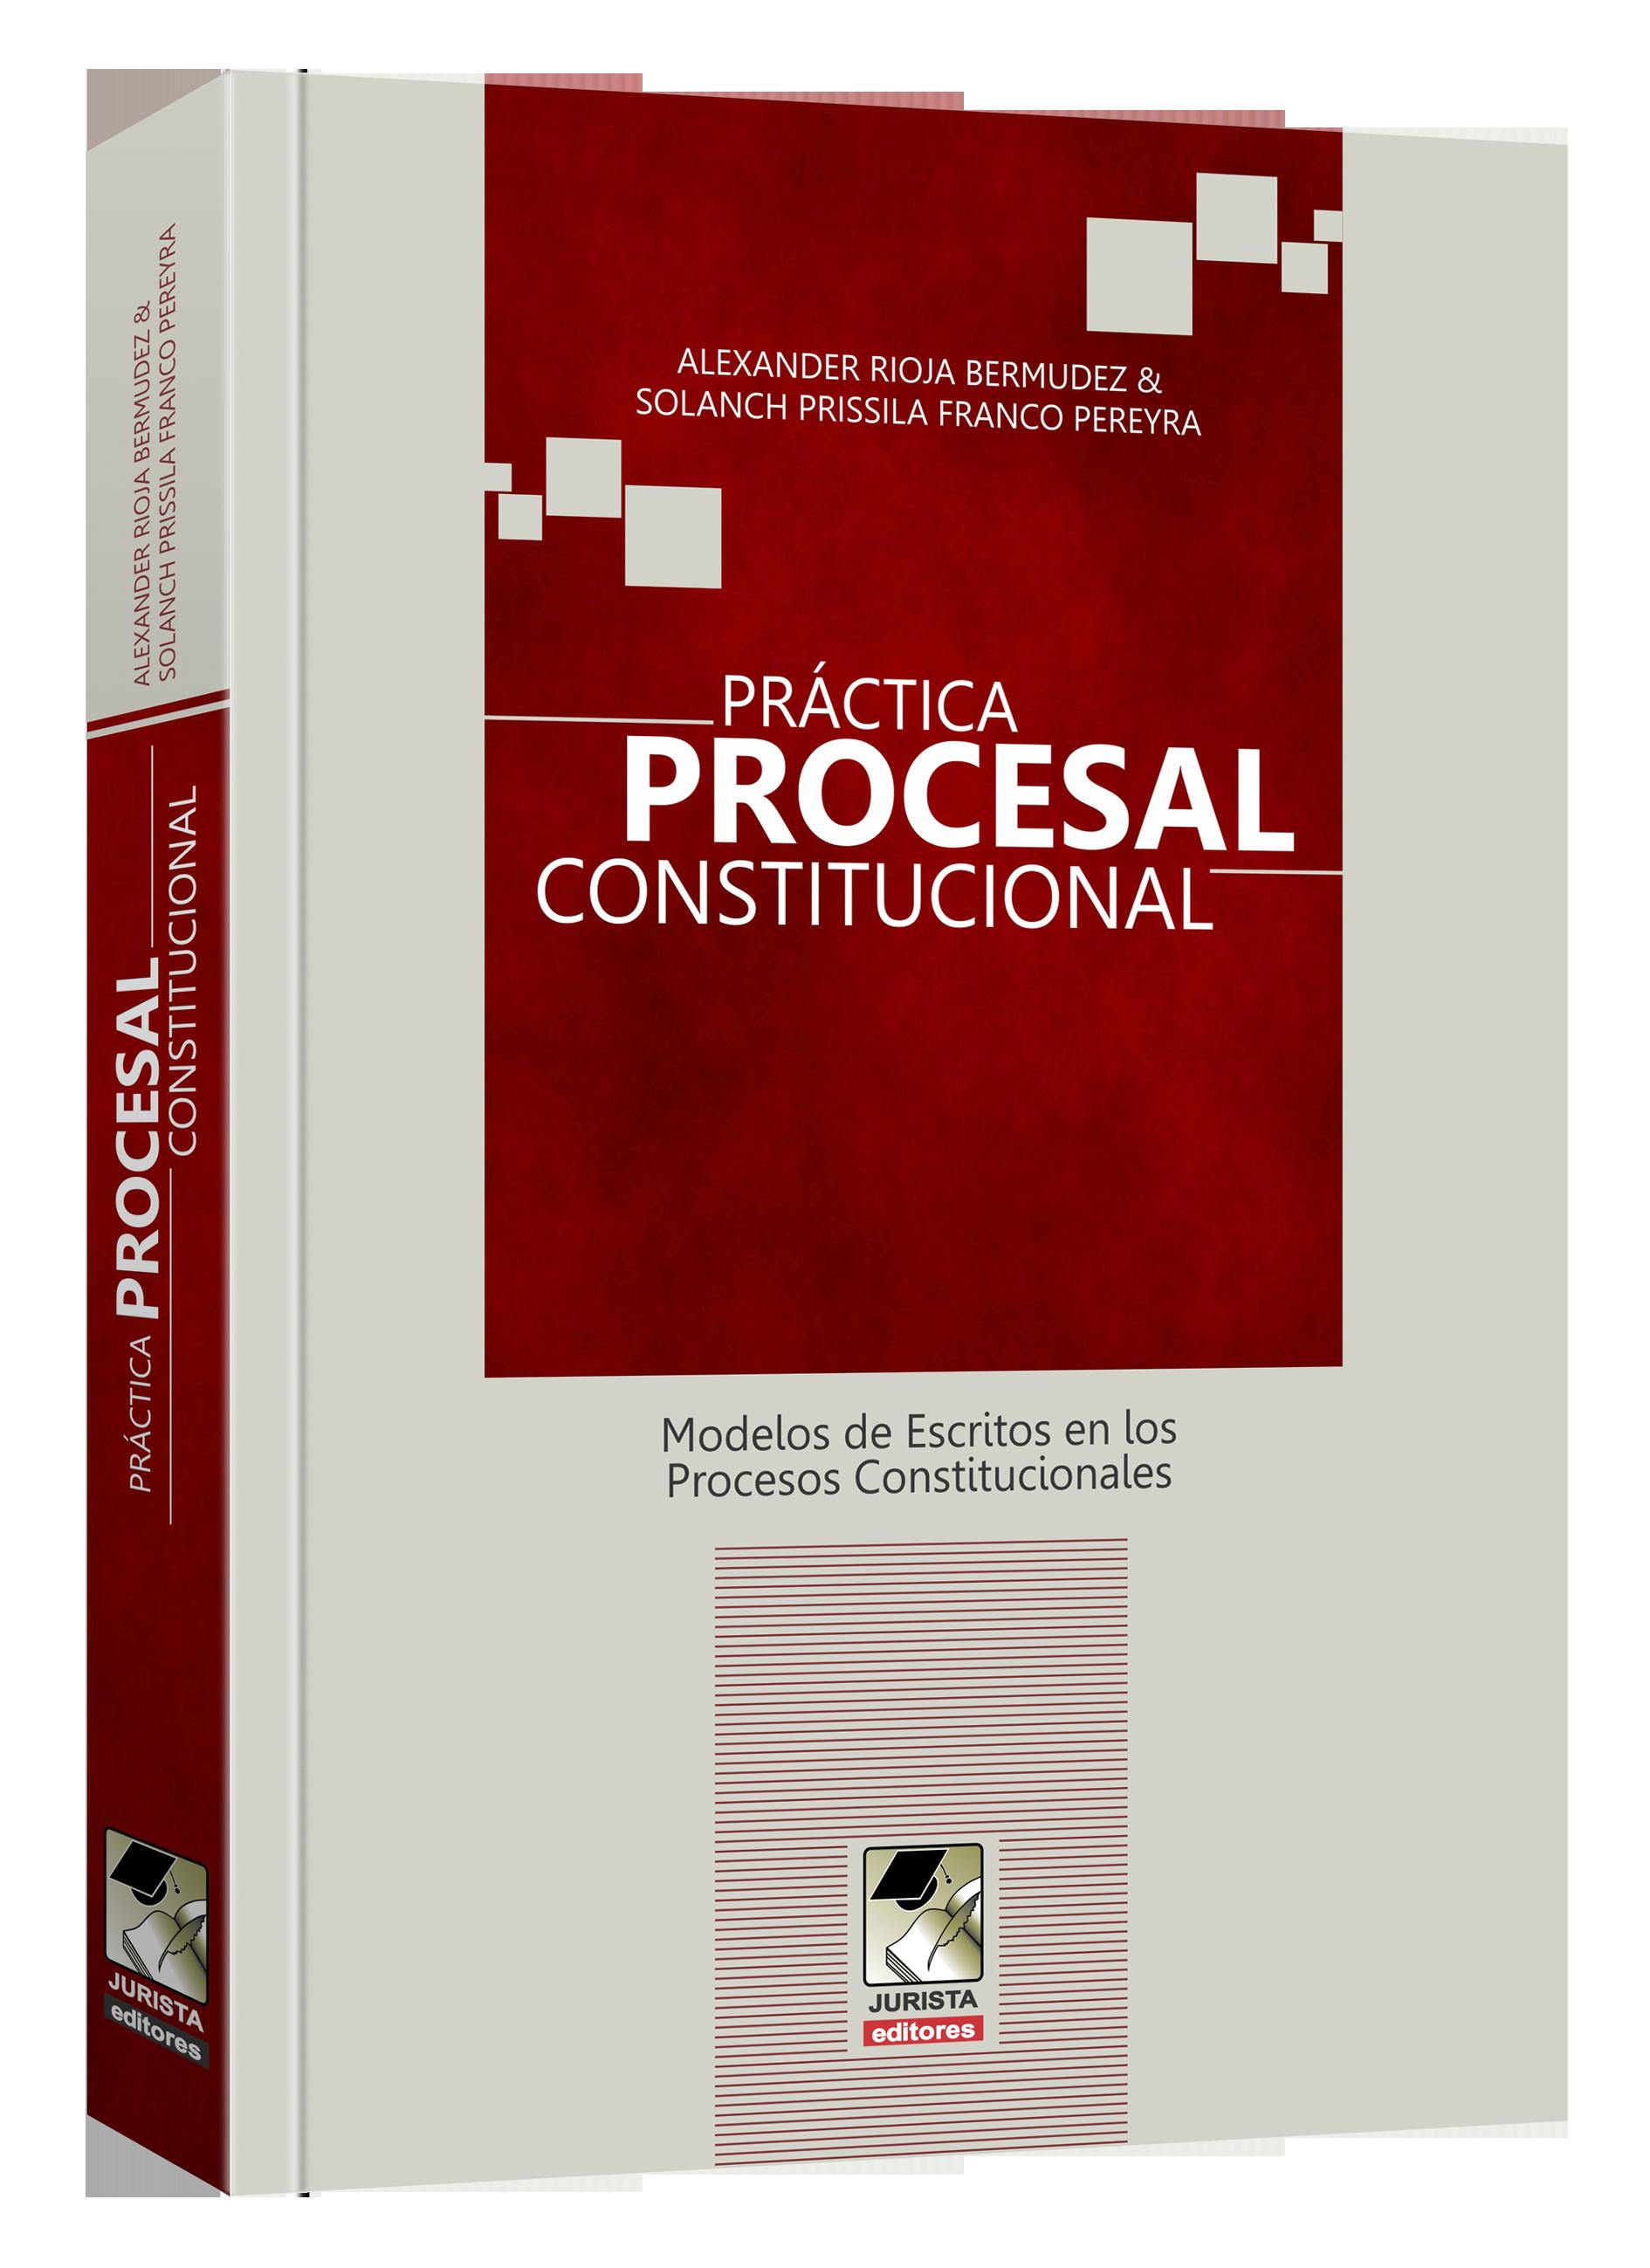 Practica Procesal Constitucional